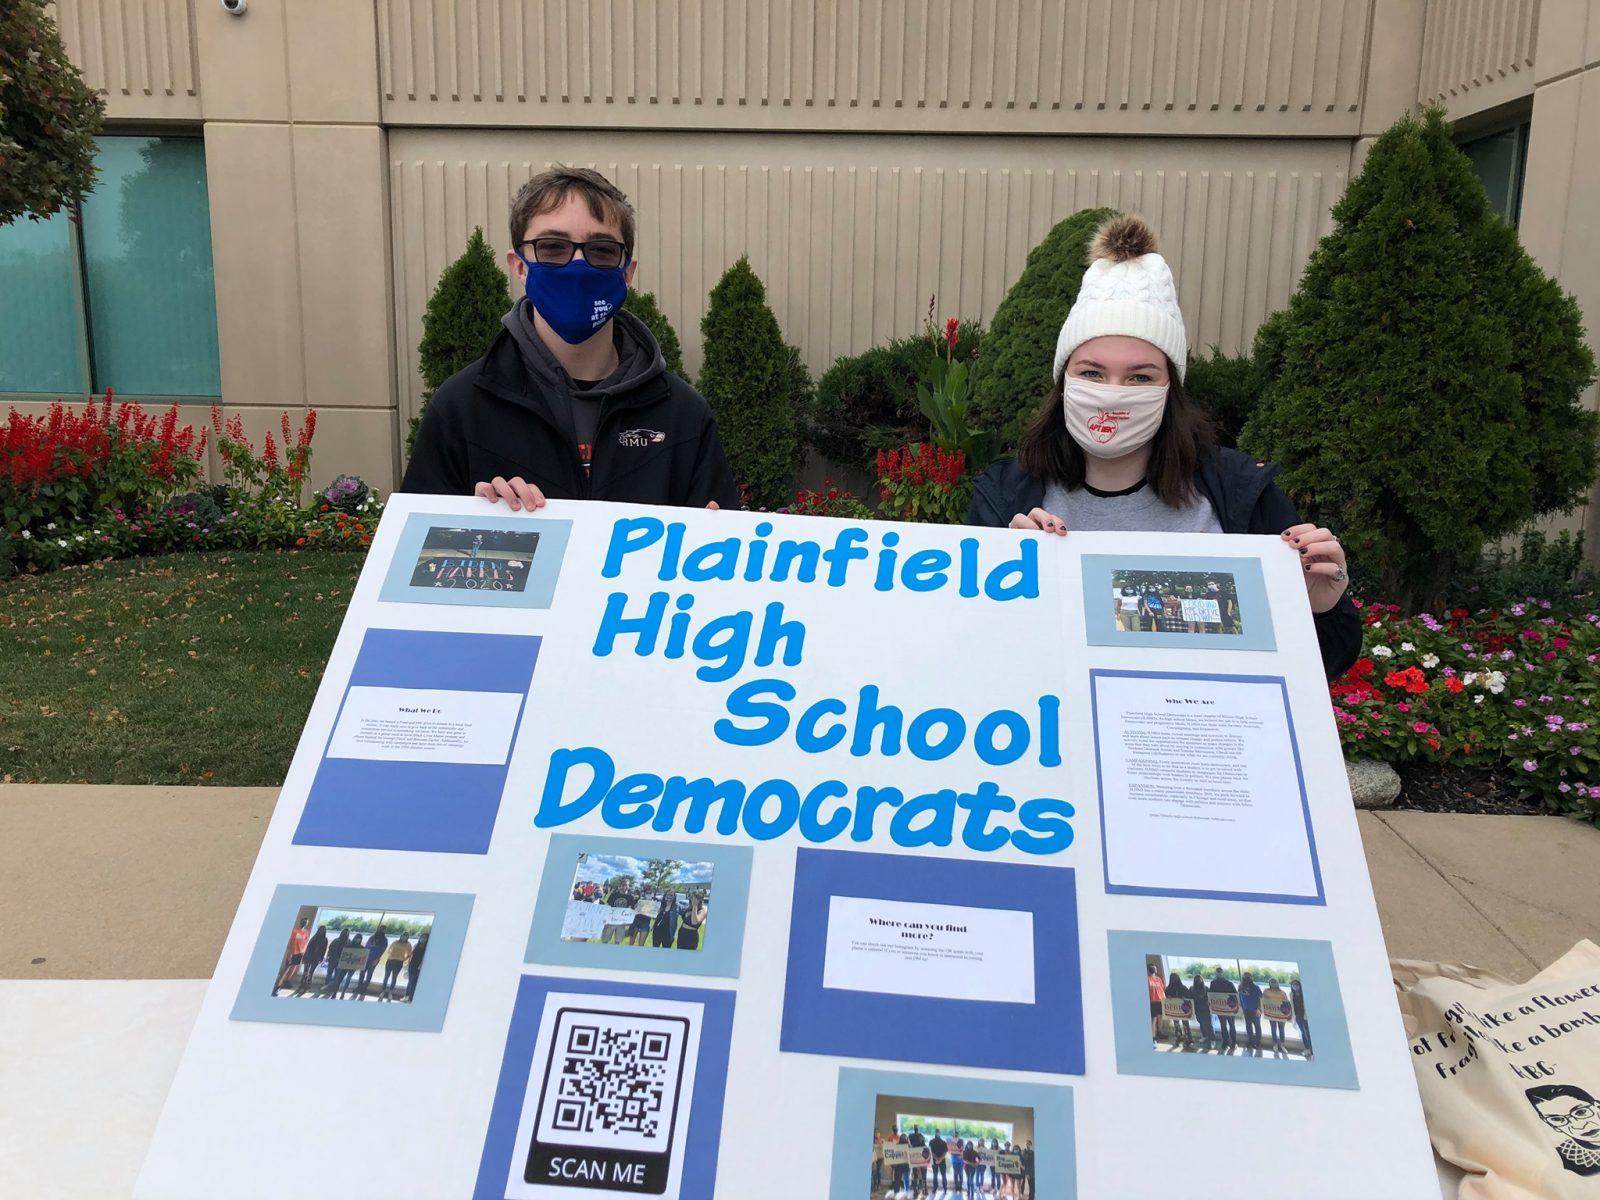 Plainfield High School Dems attend WCD 2020 GOTV Fair